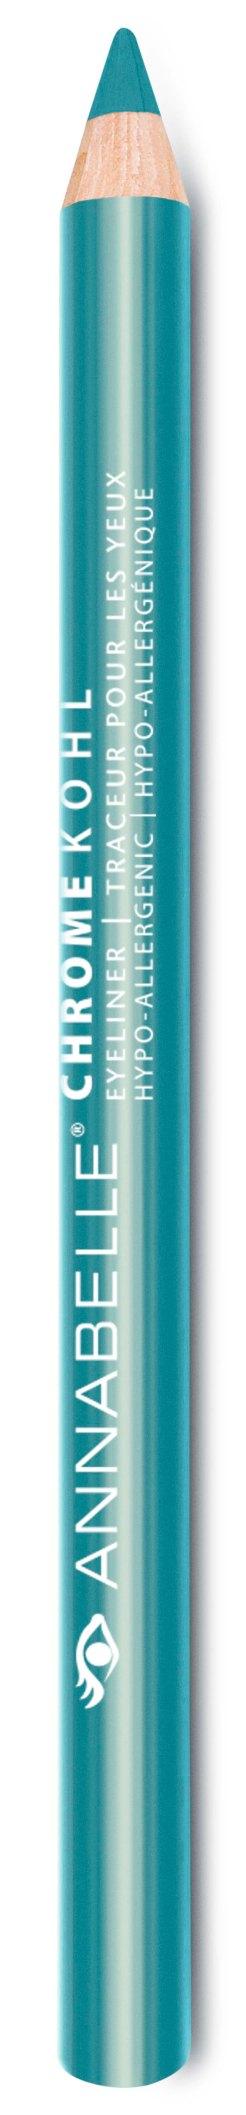 CHROME KOHL - Frosty Turquoise